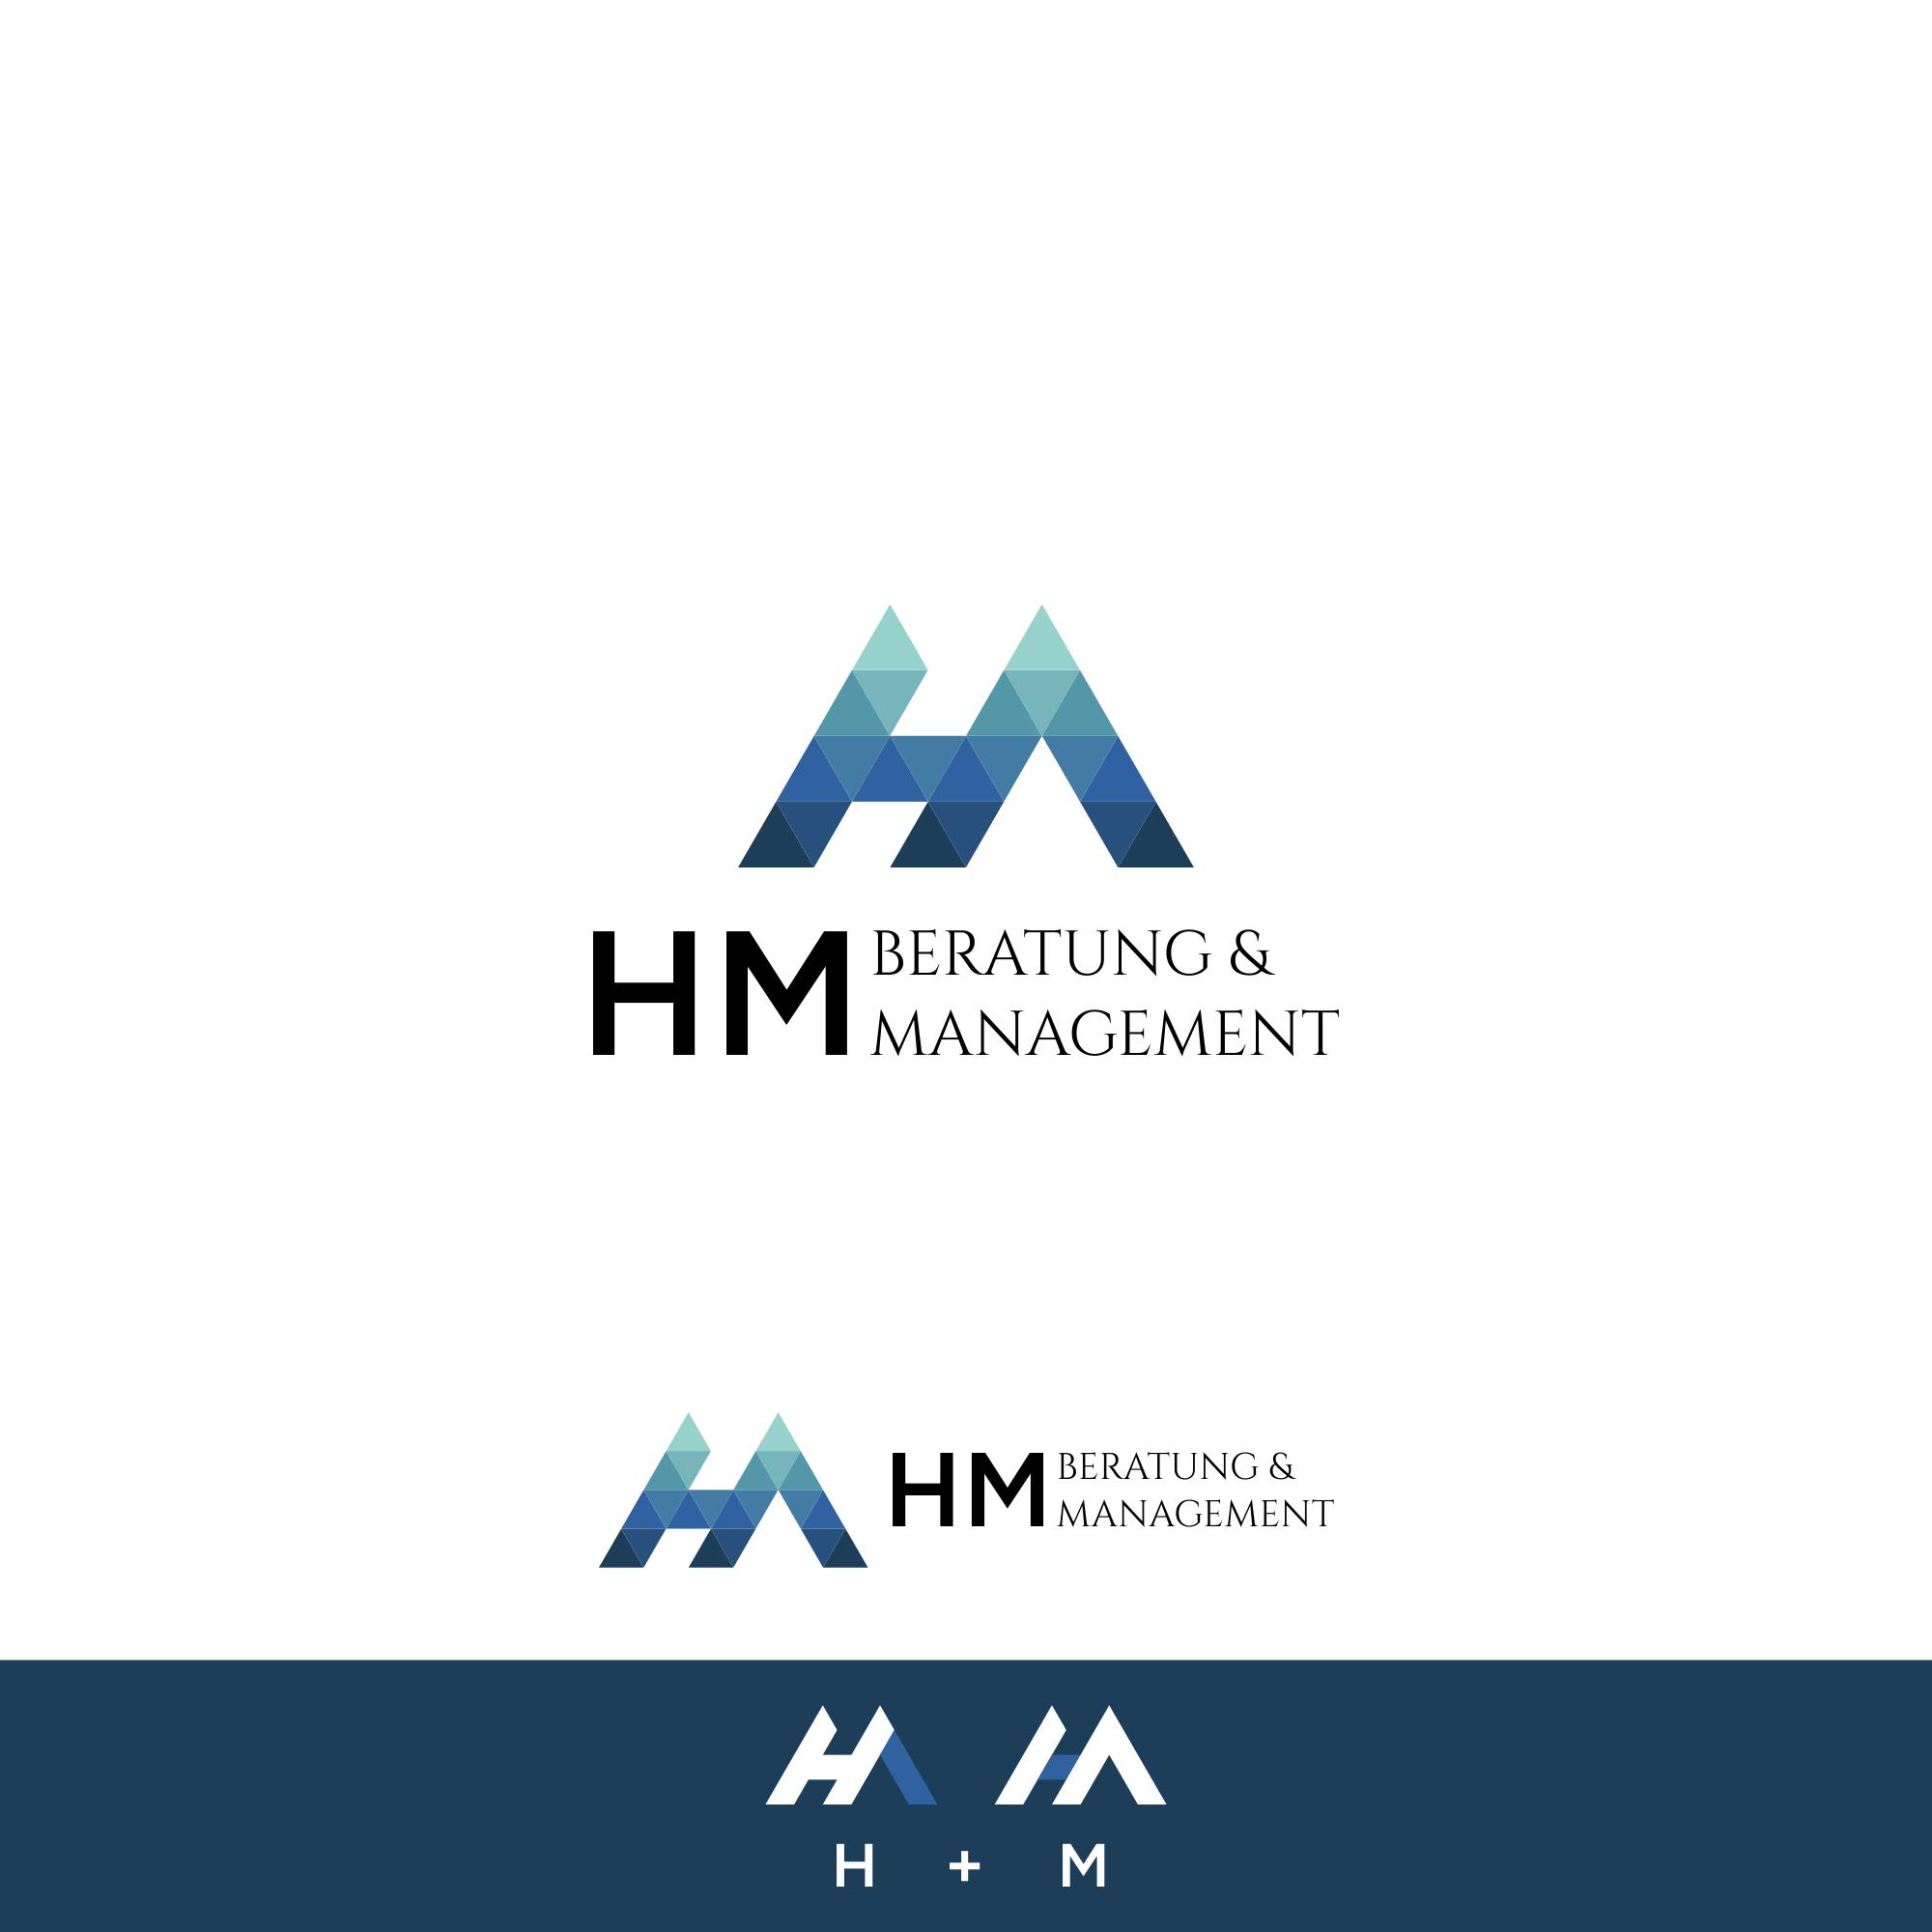 HM Beratung braucht ein modernes Logo die das Know-How und die Stärken wiederspiegeln